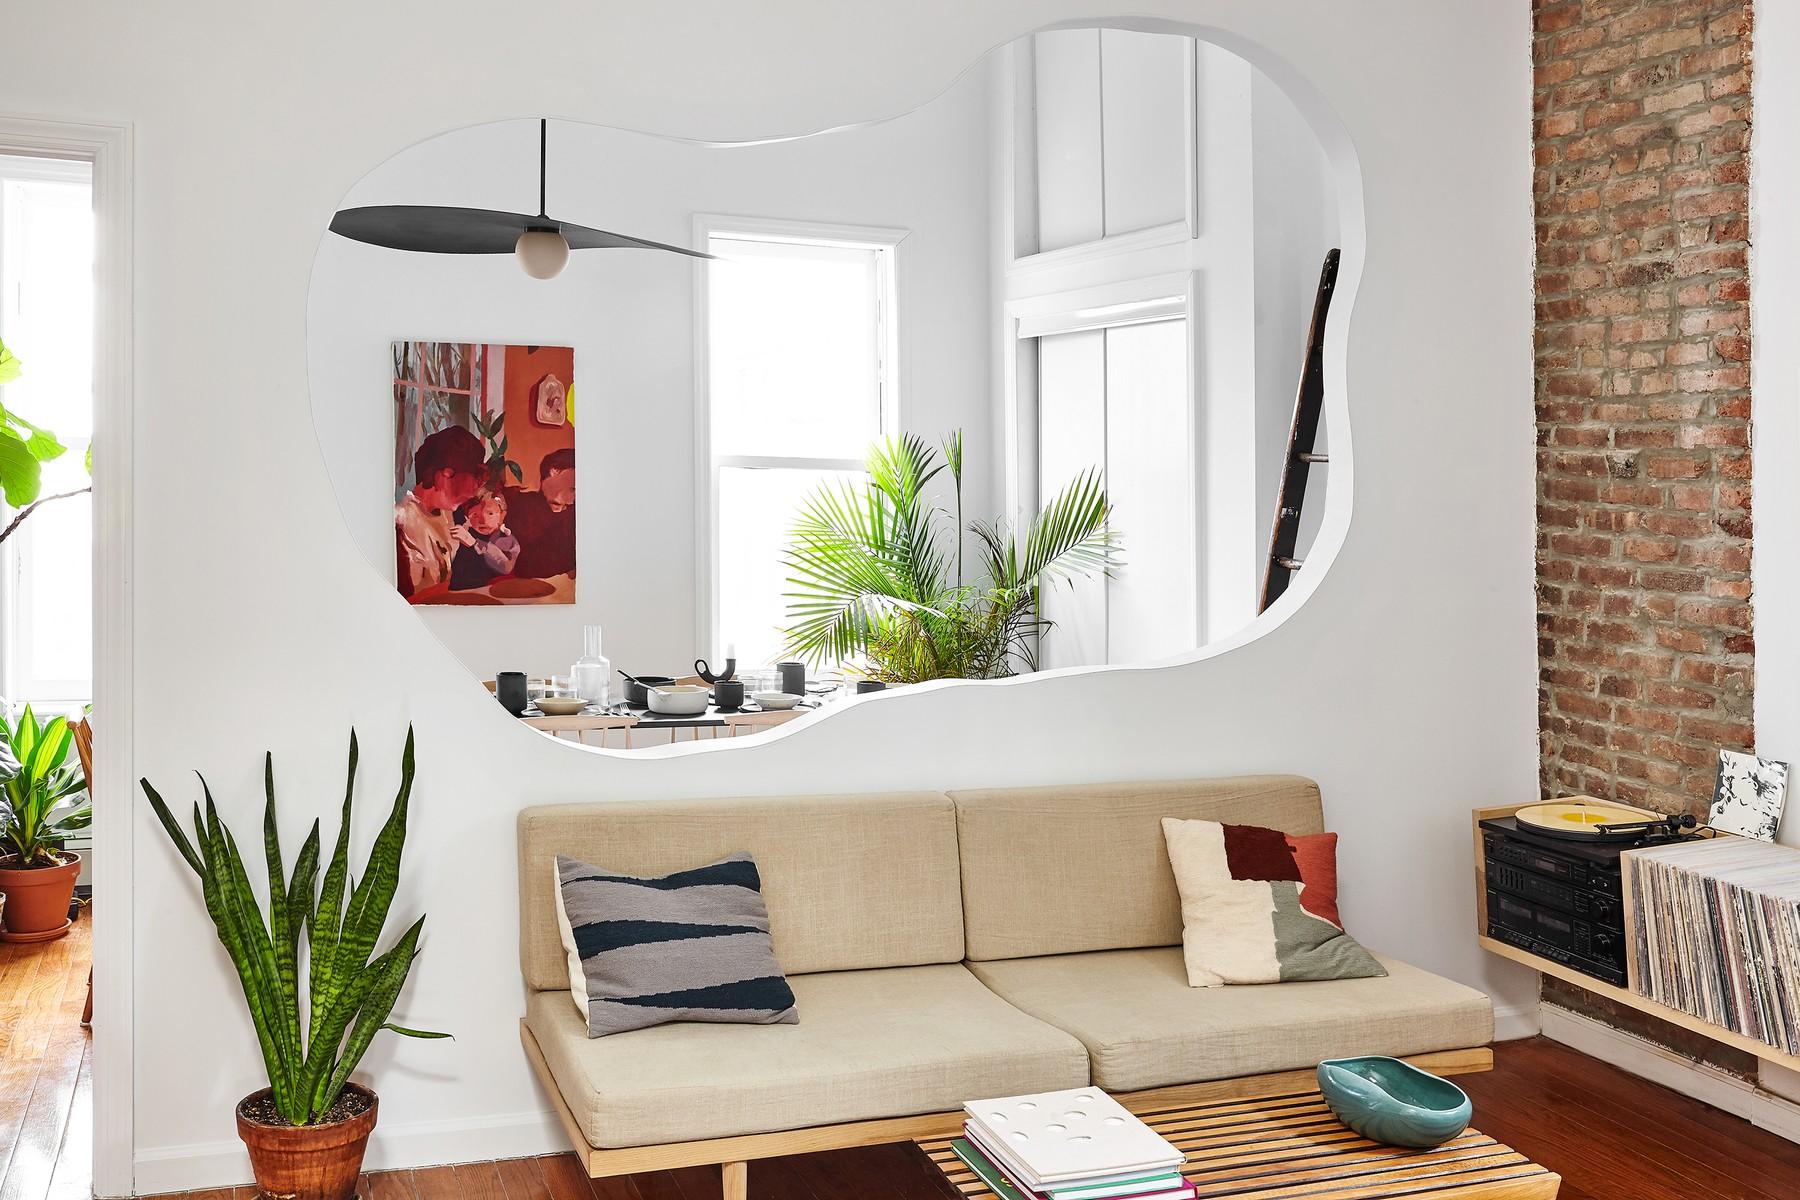 Bushwick Apartment by Michael Yarinsky, Brooklyn, USA